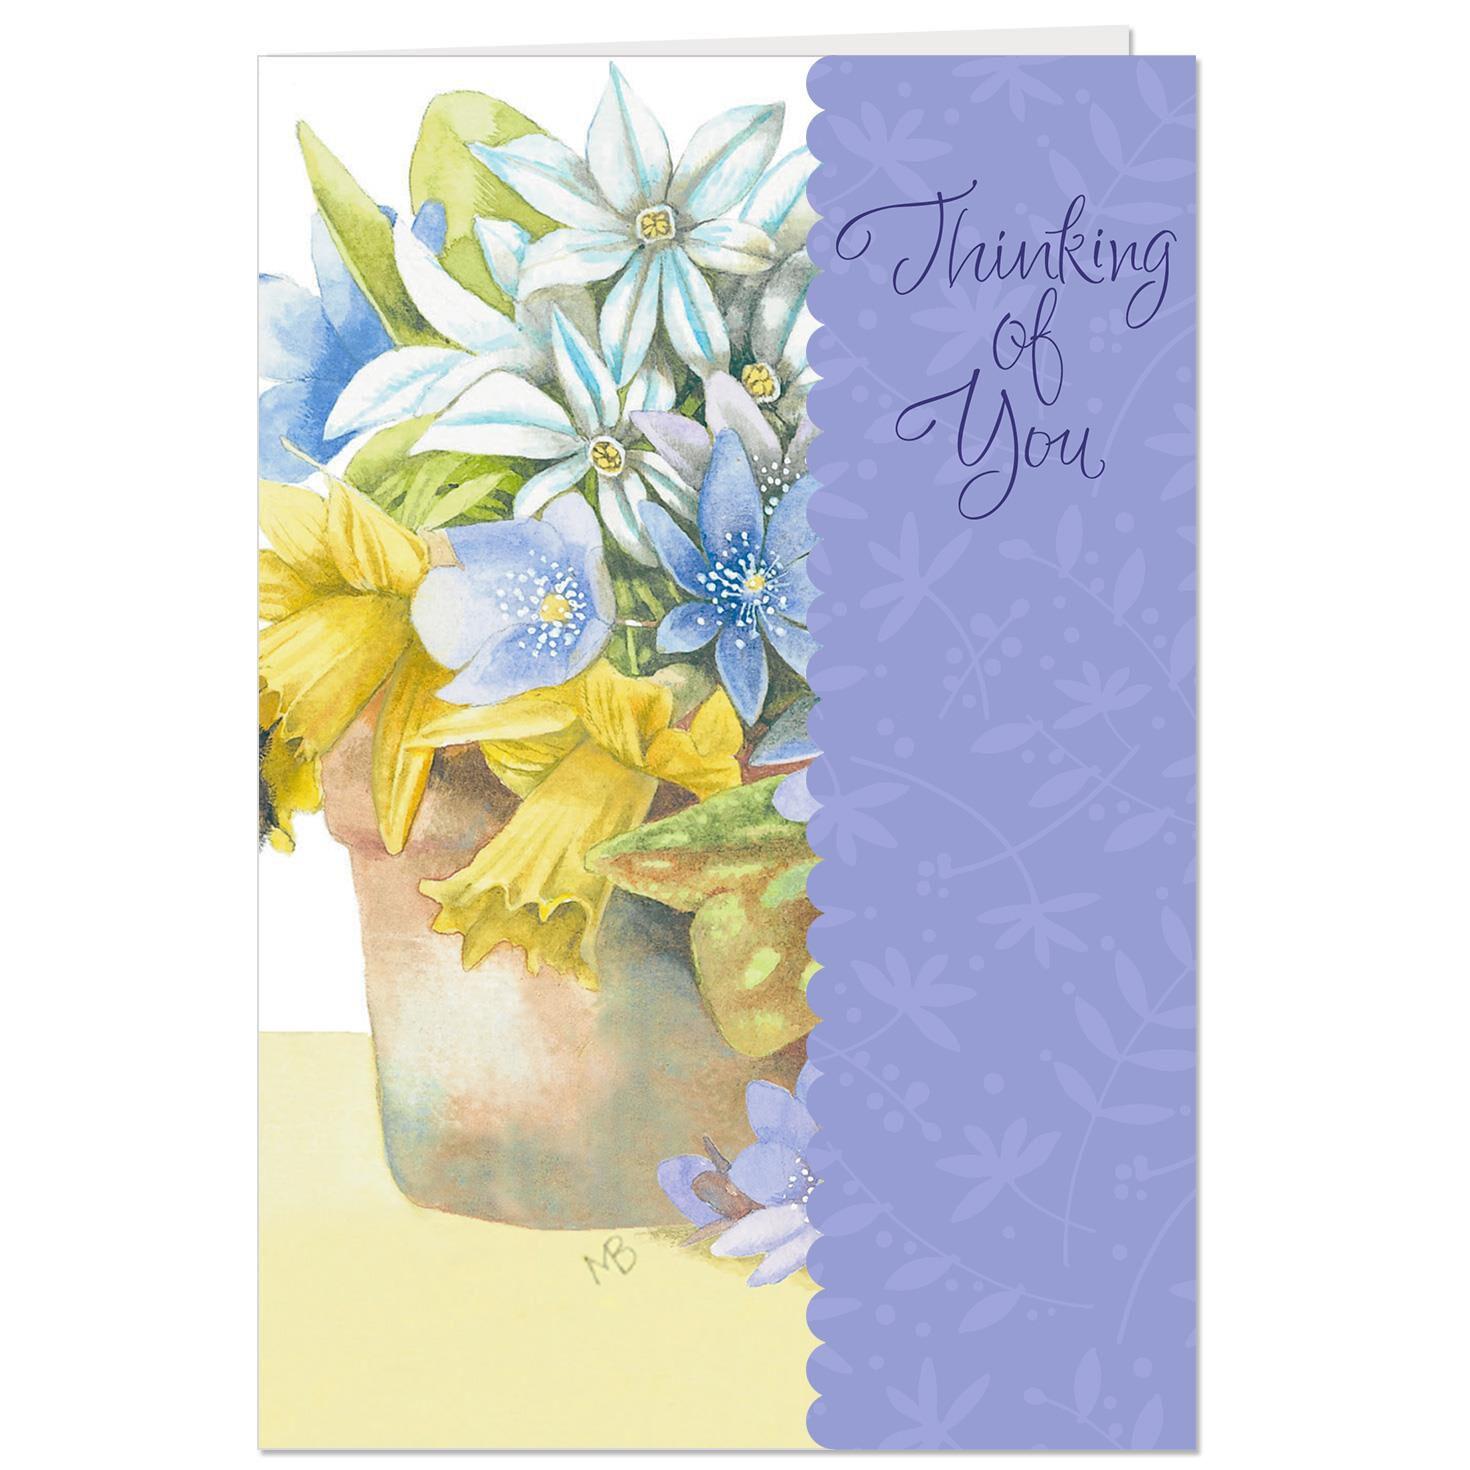 Marjolein bastin thinking of you flower bouquet easter card marjolein bastin thinking of you flower bouquet easter card greeting cards hallmark m4hsunfo